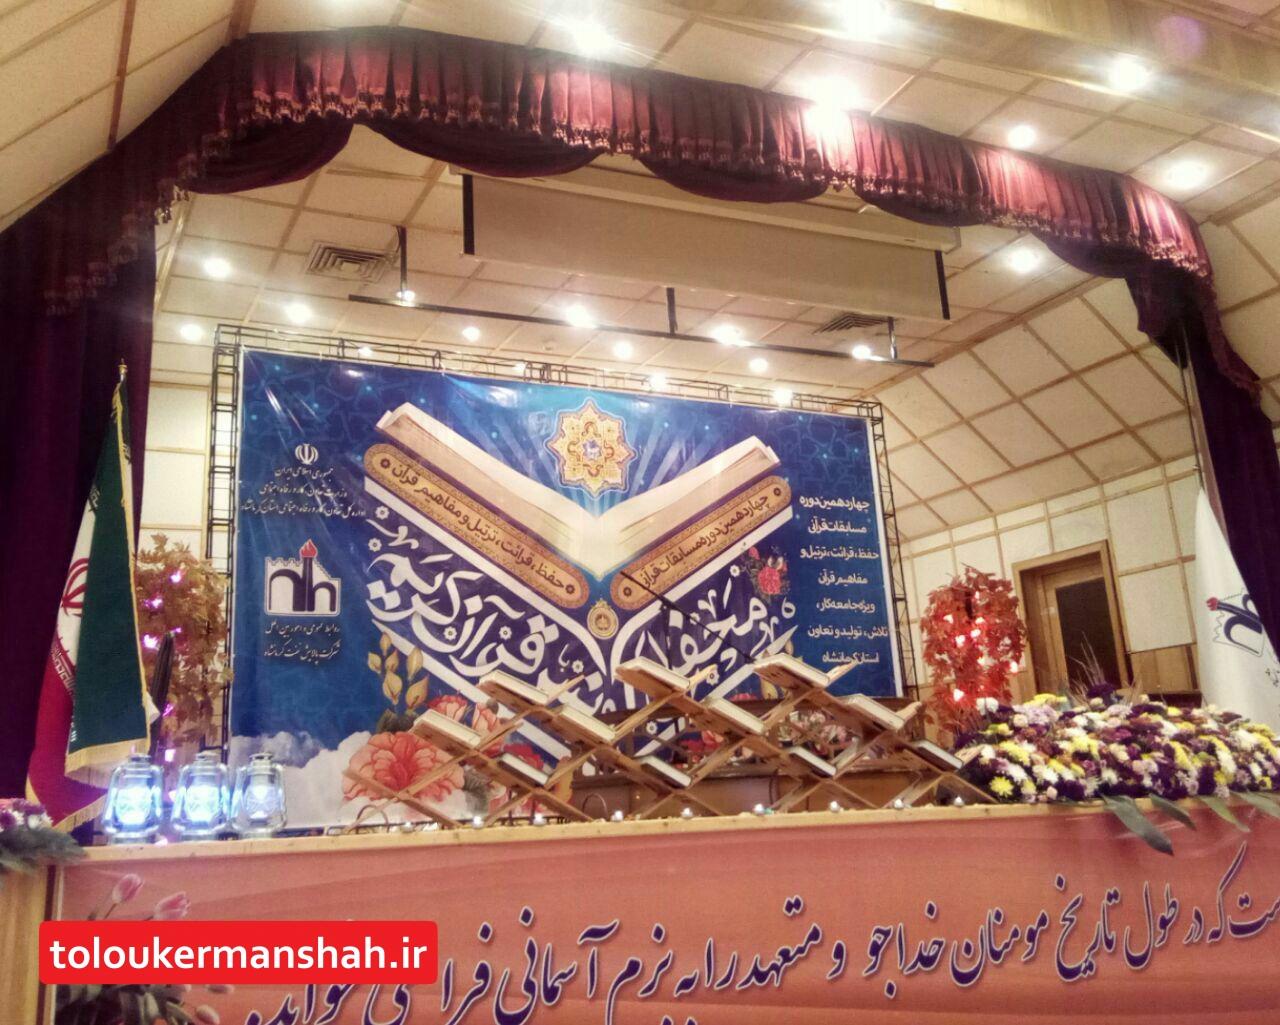 پالایشگاه کرمانشاه، میزبان جامعه قرآنی استان